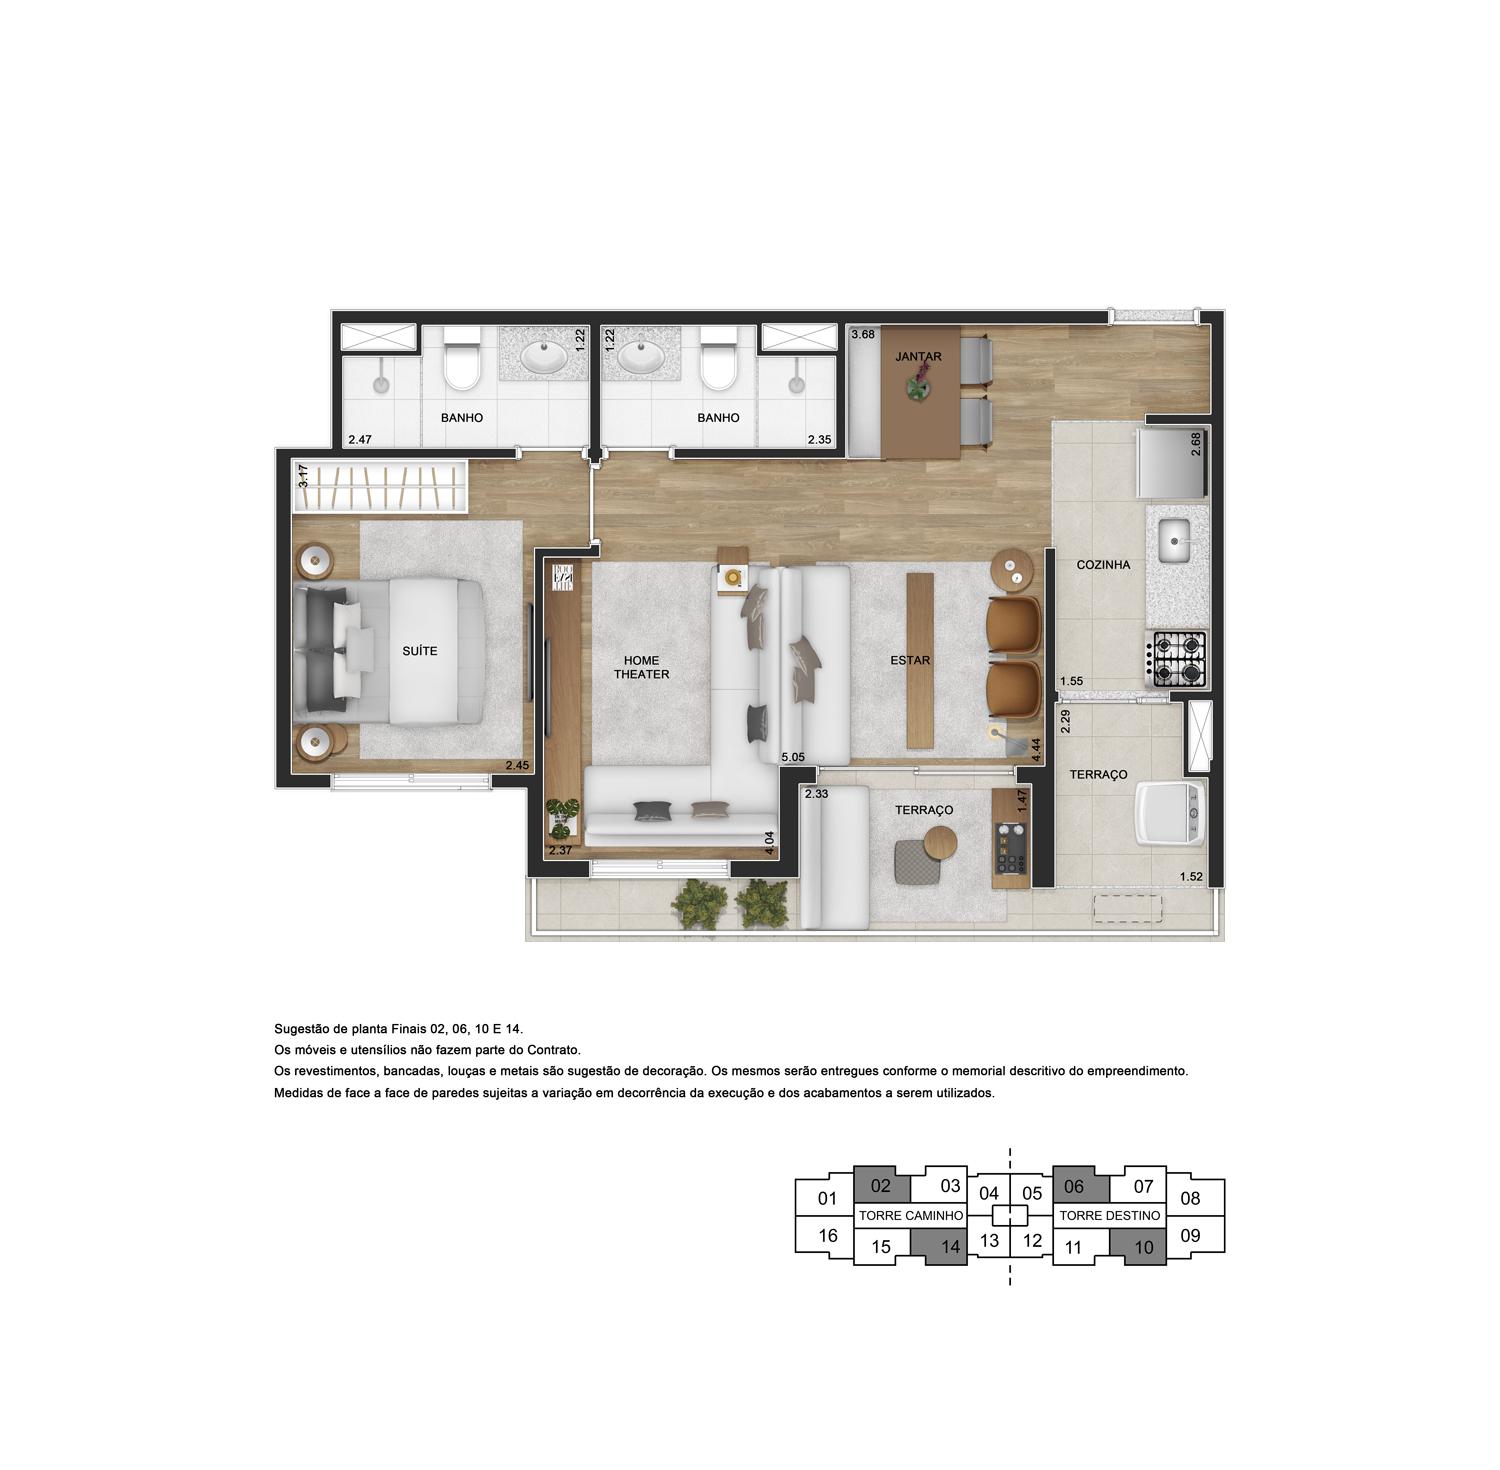 Planta de 55m² priv. com opção sala ampliada